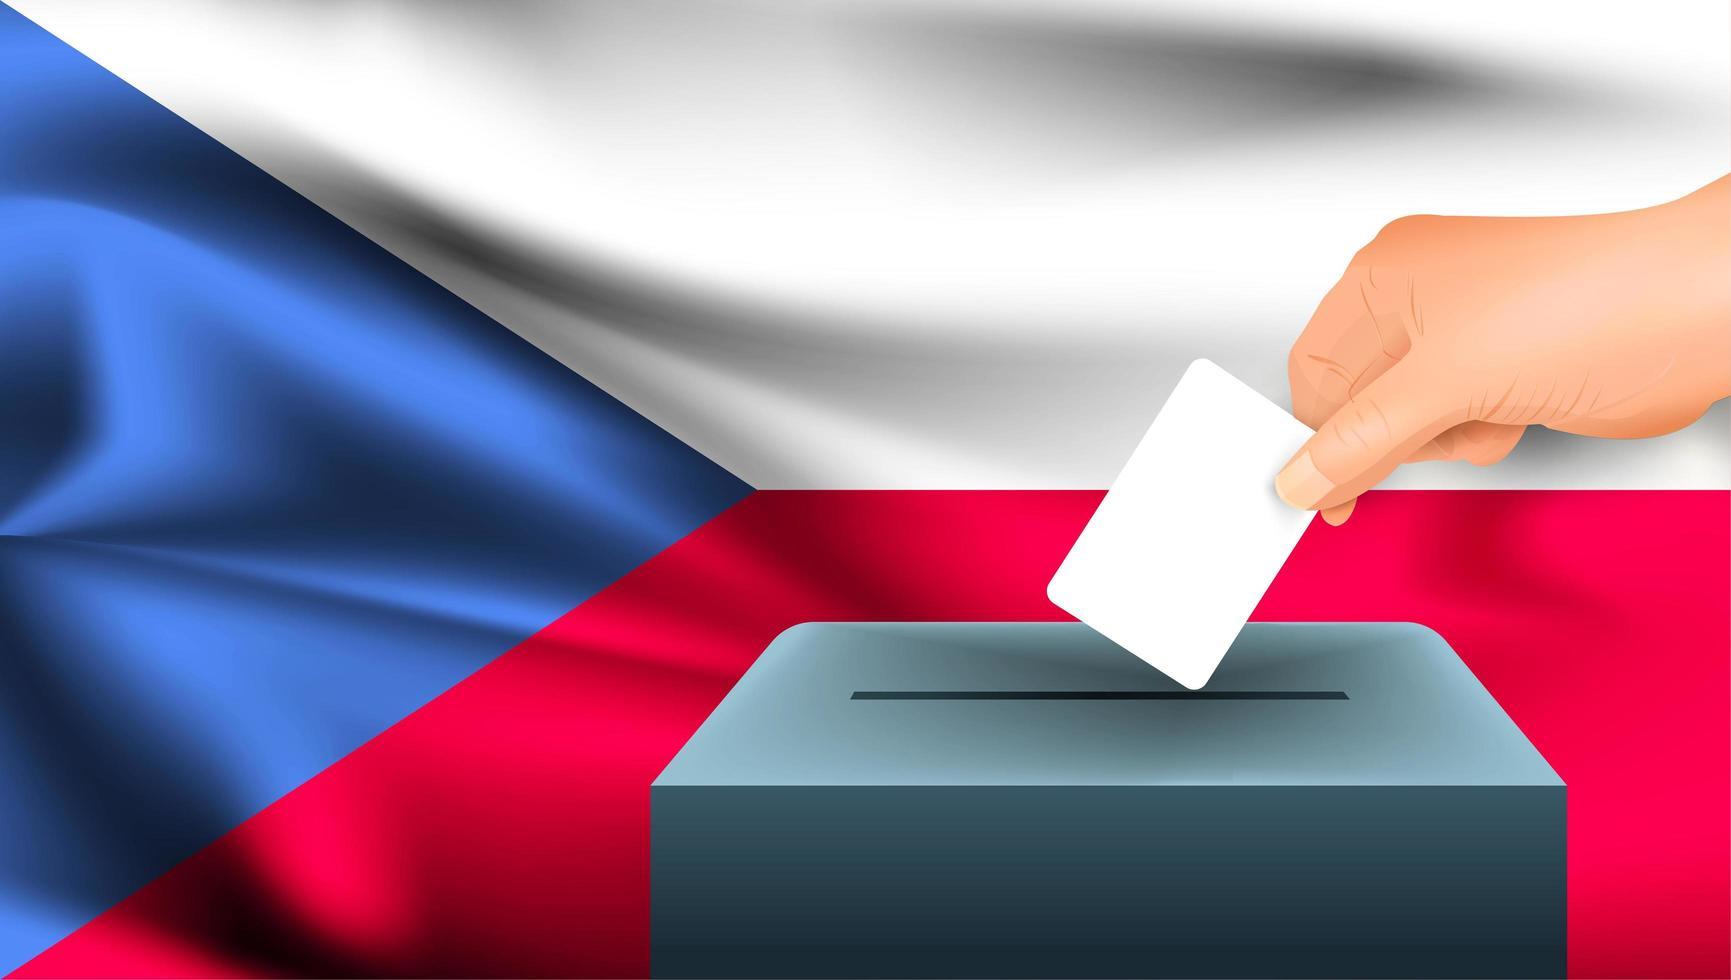 Poner la mano en la urna con la bandera de la República Checa vector